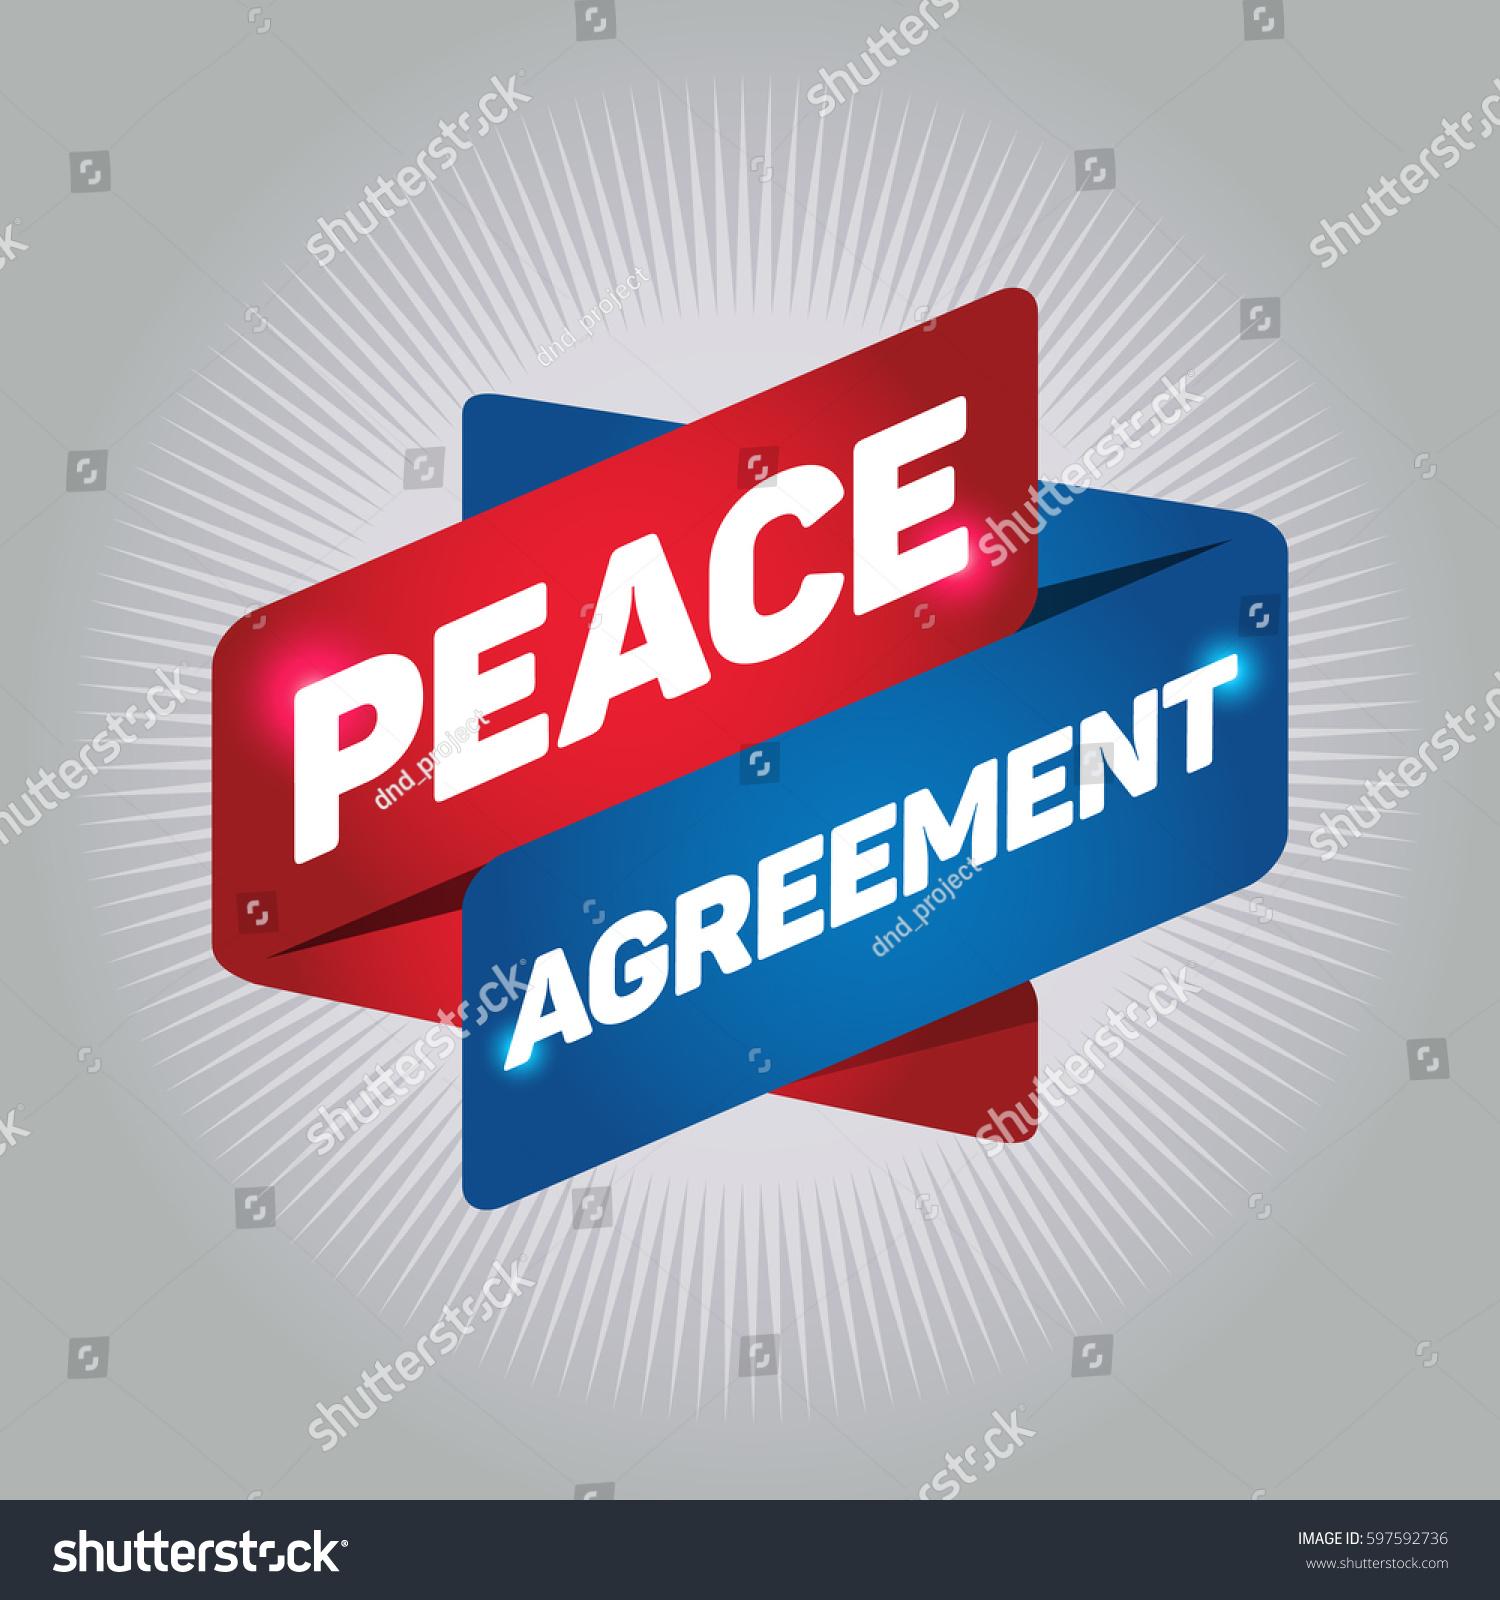 Peace agreement arrow tag sign stock vector 597592736 shutterstock peace agreement arrow tag sign platinumwayz